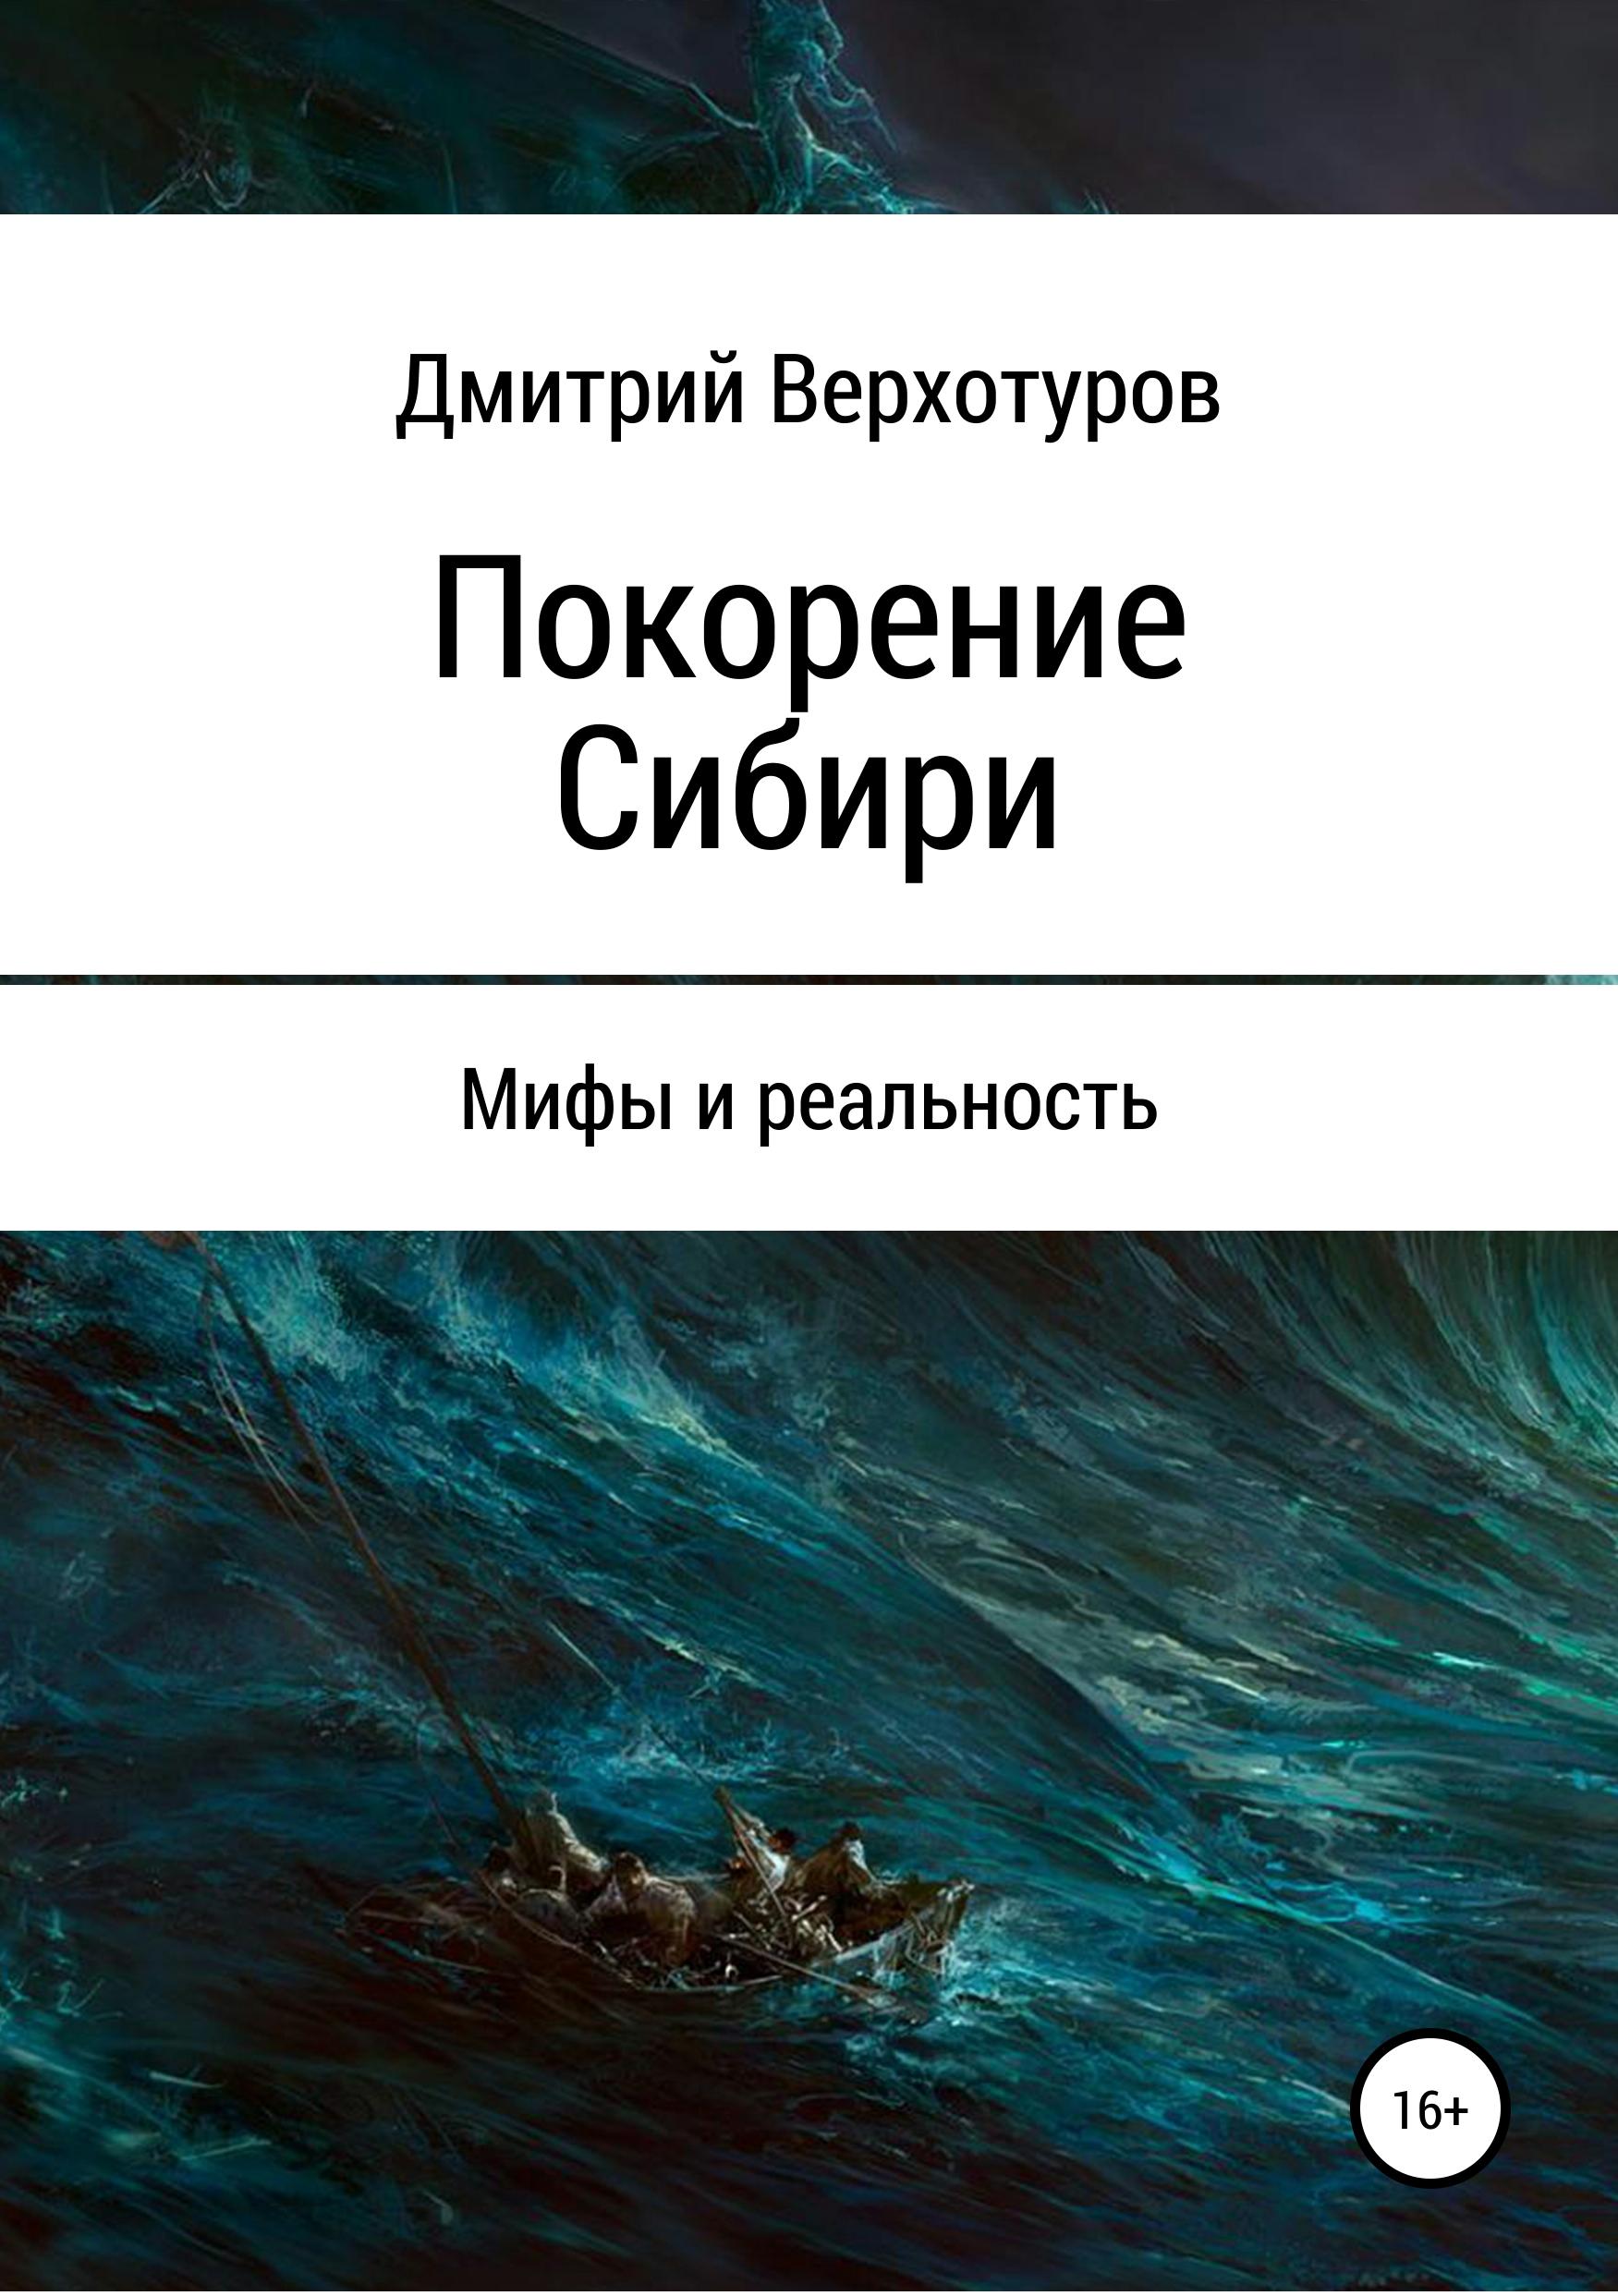 Покорение Сибири: мифы и реальность